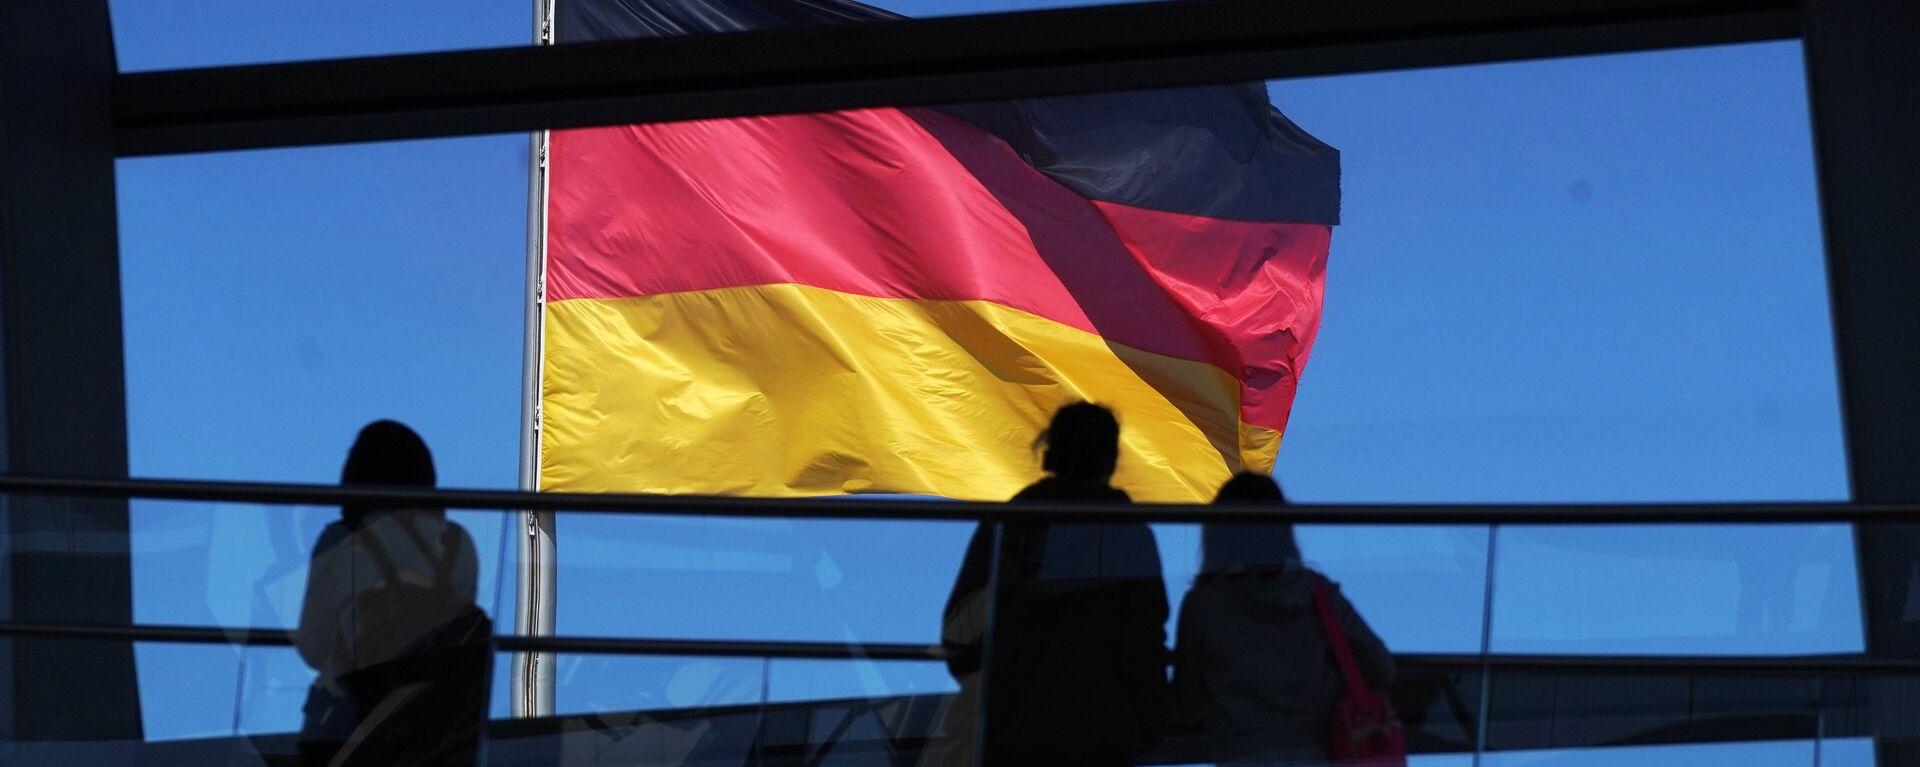 Zastava Nemačke - Sputnik Srbija, 1920, 23.09.2021